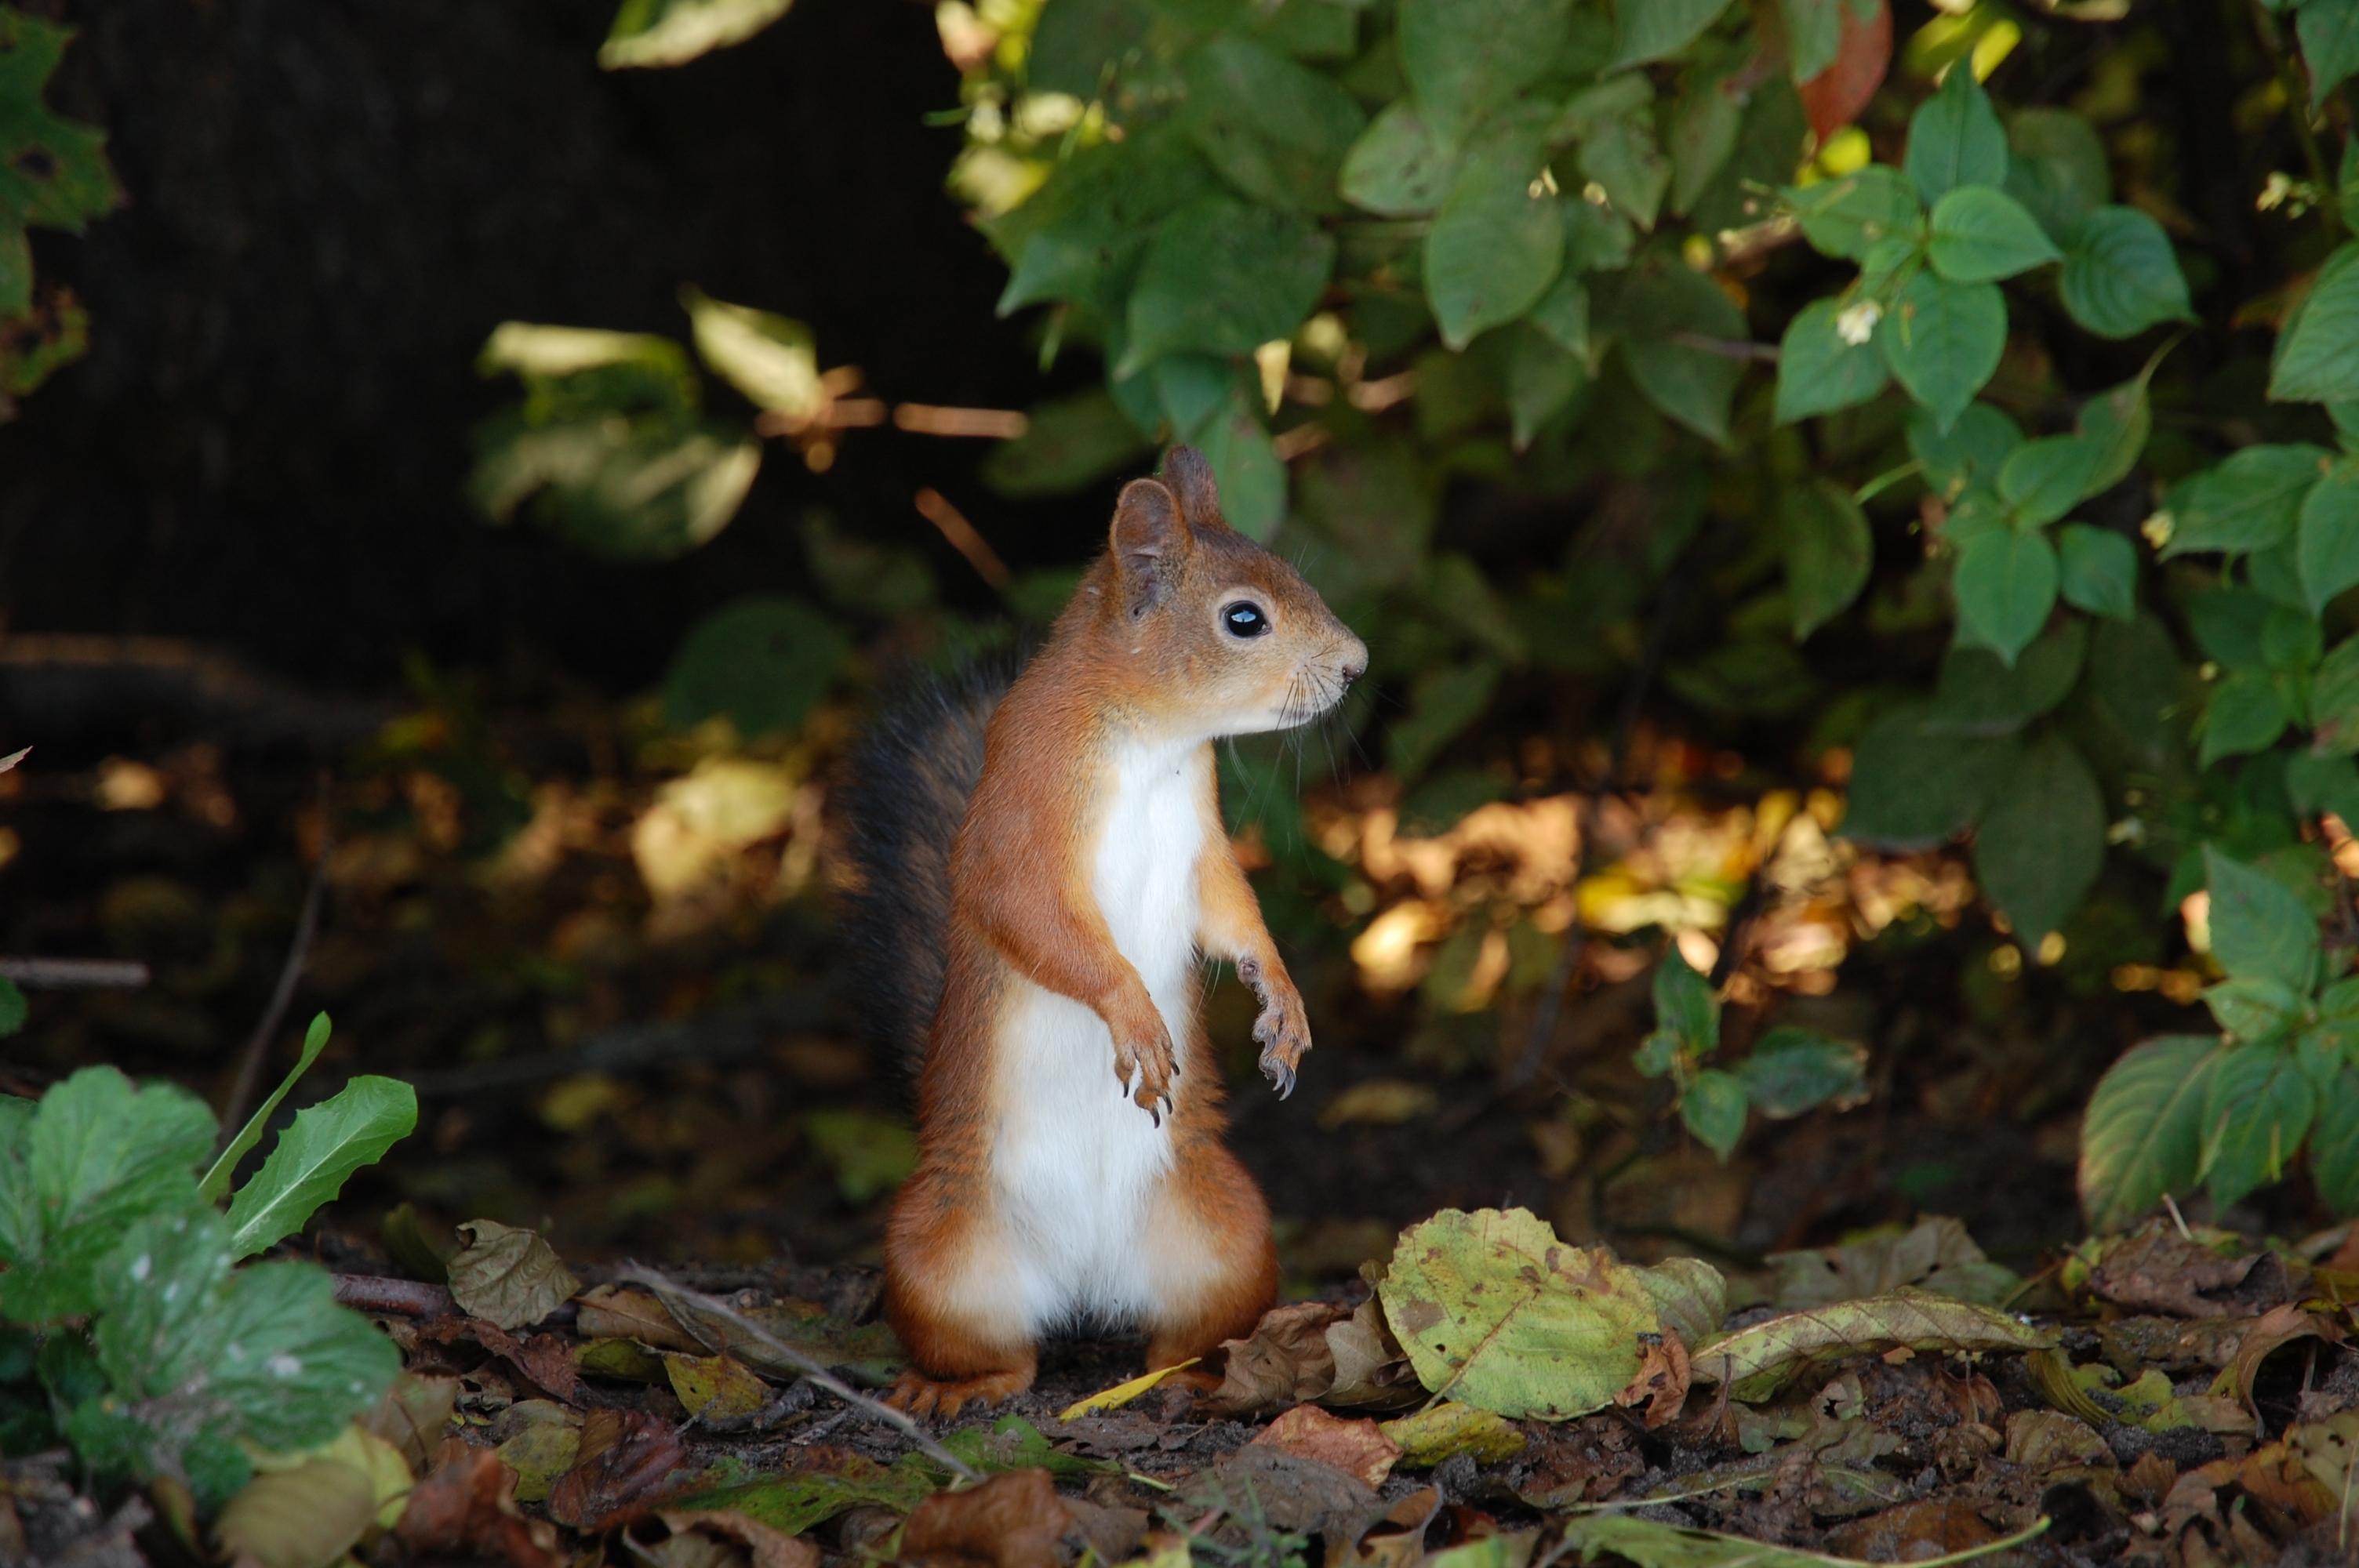 76613 Hintergrundbild herunterladen Herbst, Tiere, Eichhörnchen, Blätter, Stehen, Stand - Bildschirmschoner und Bilder kostenlos